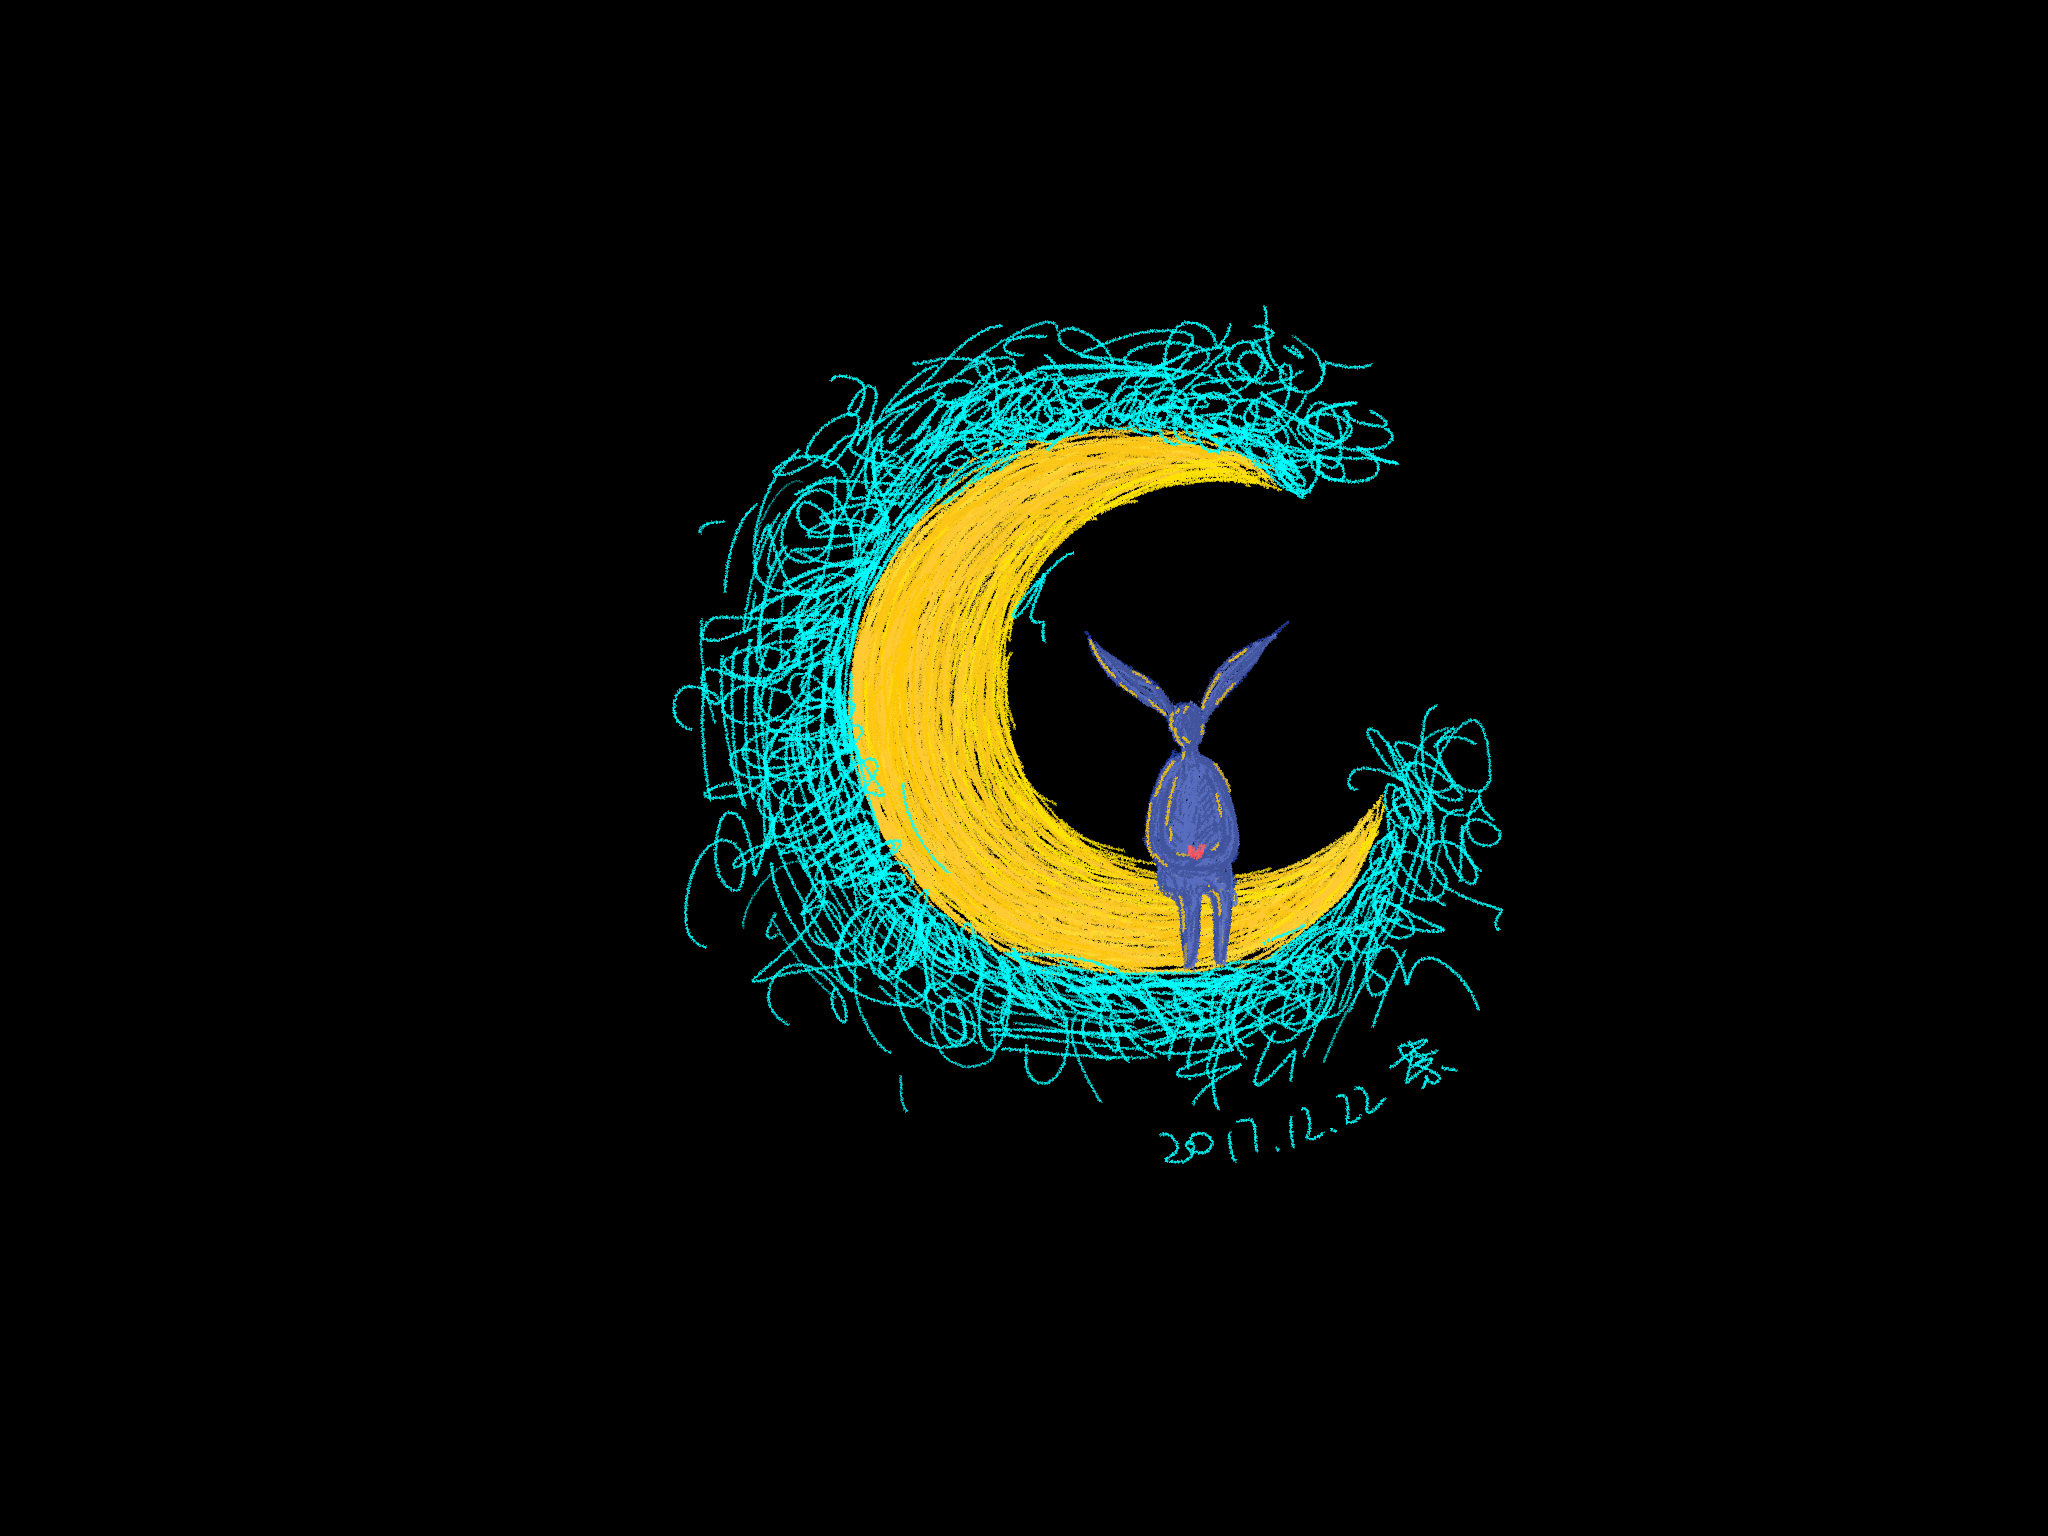 蓝精灵古筝曲谱简谱歌谱